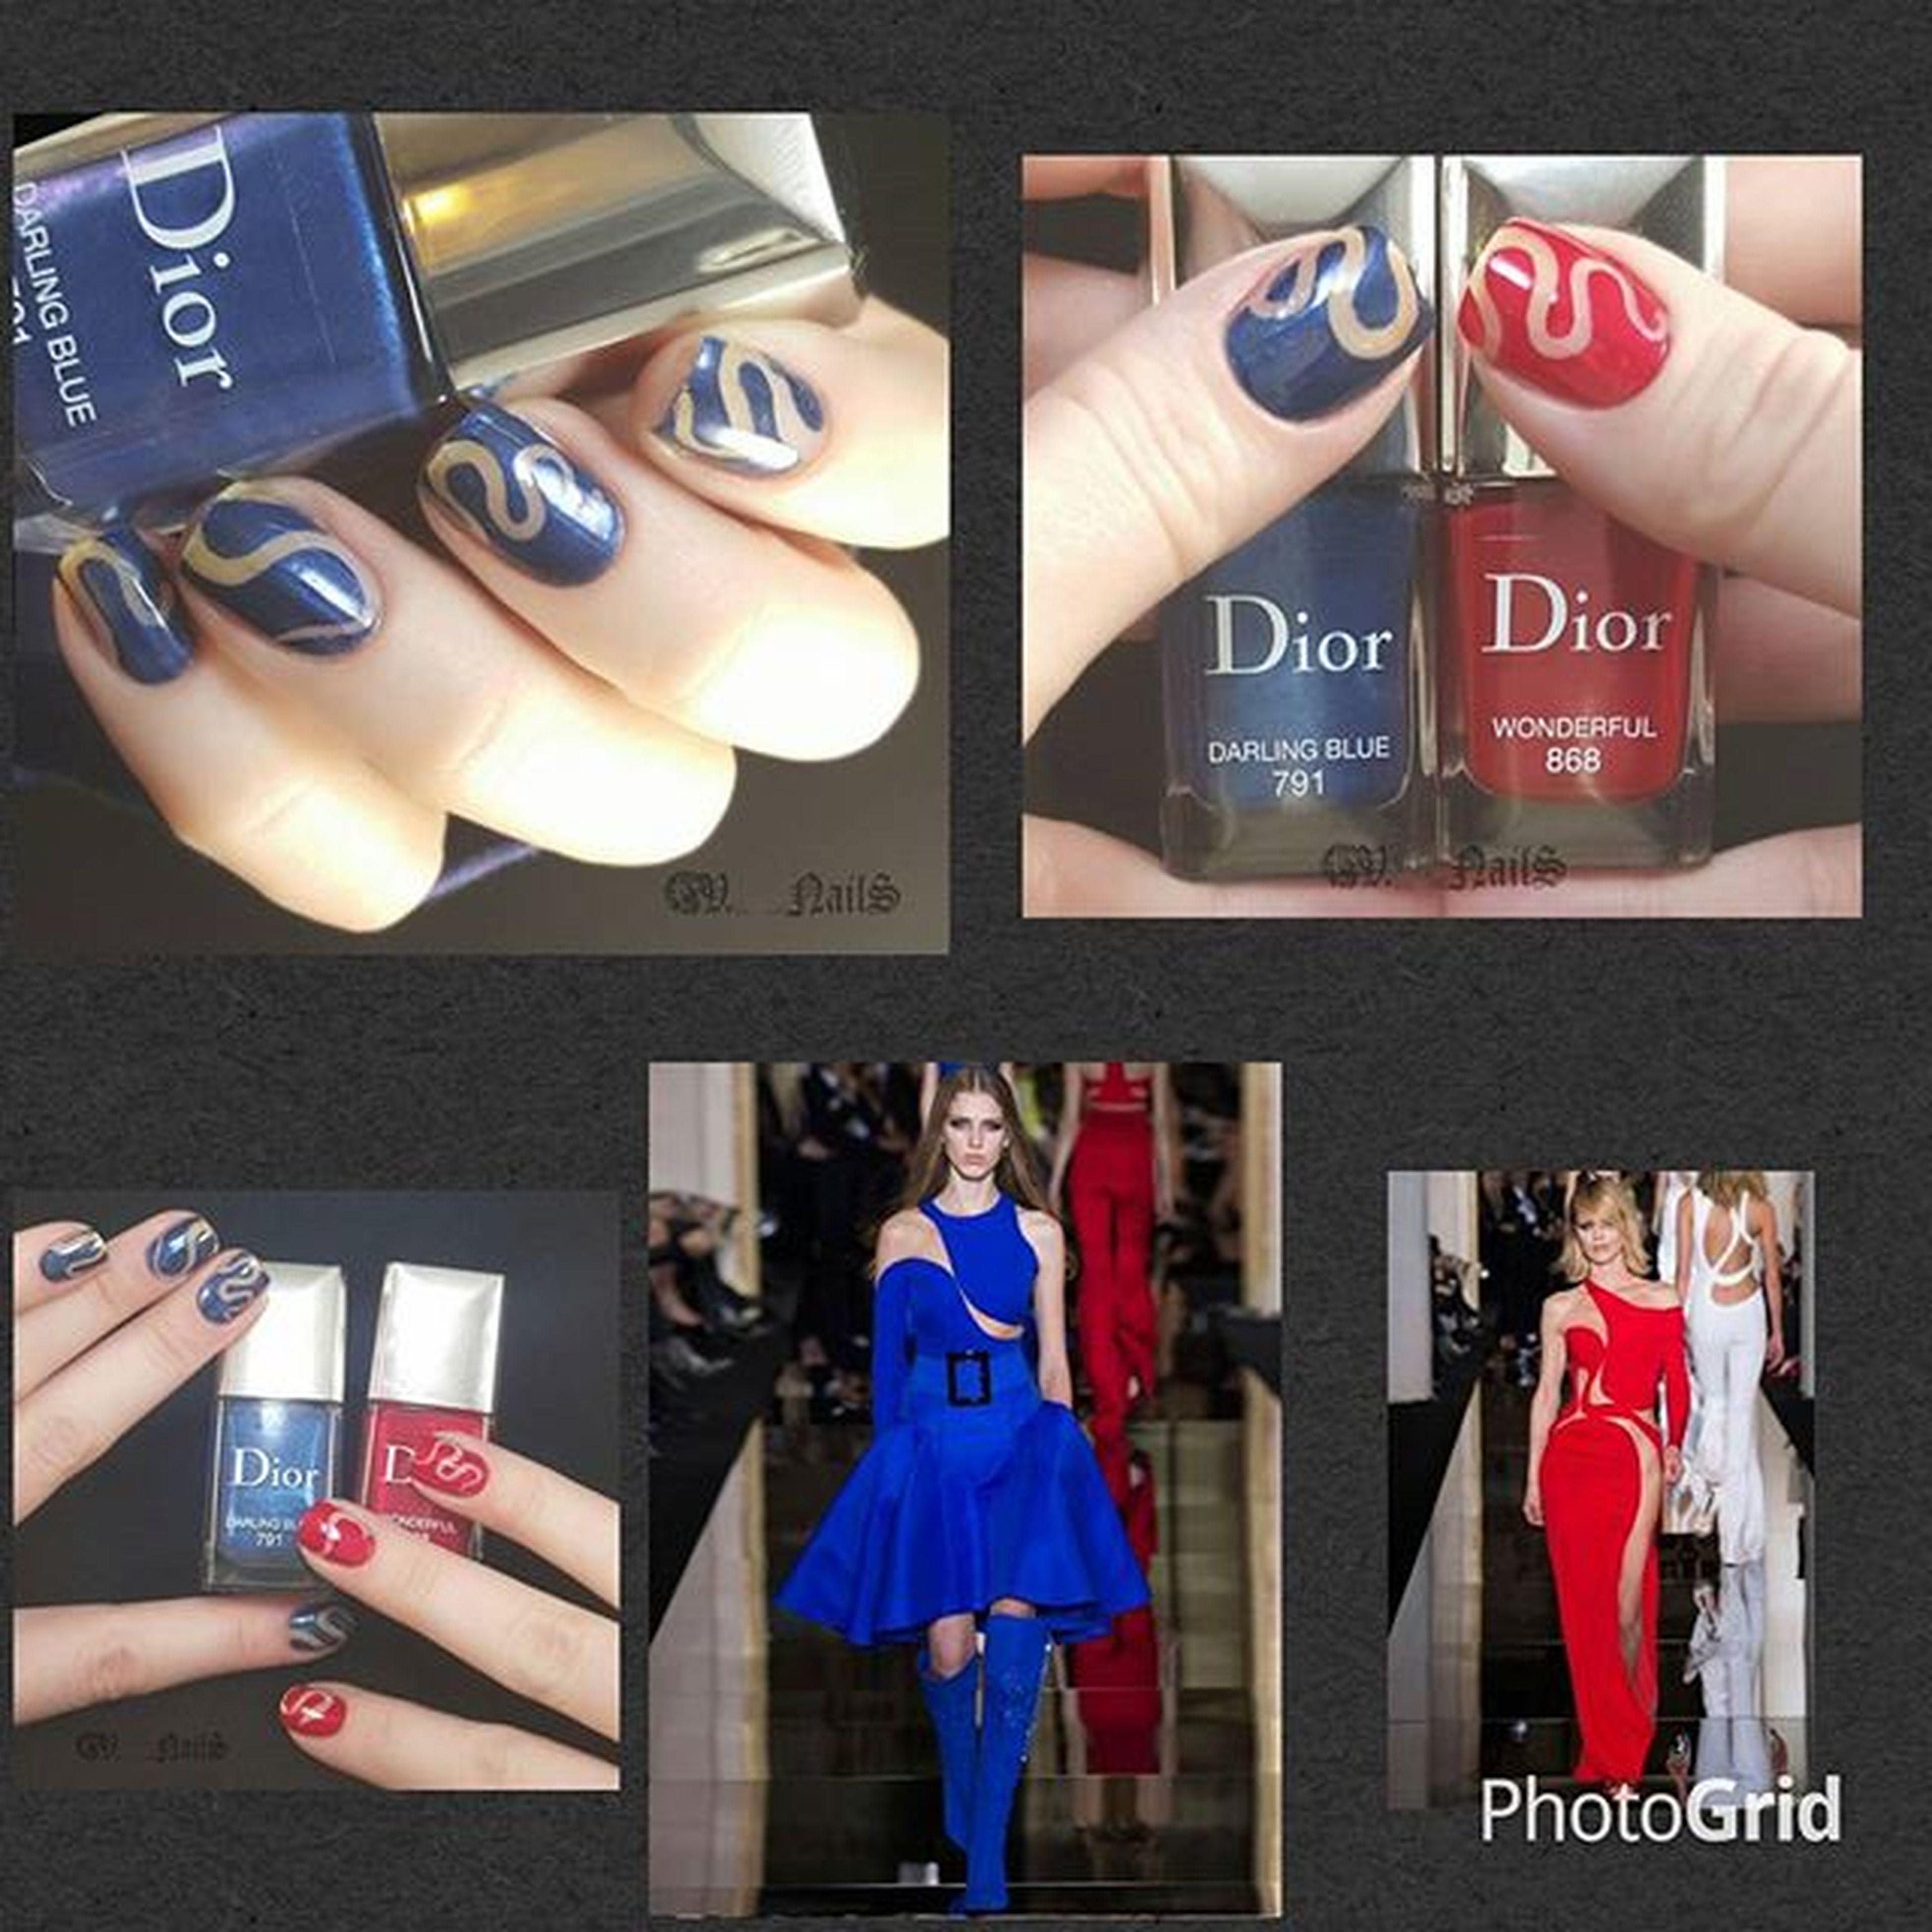 Нельзя просто так заполучить эту ультрамодную длину и не воспользоваться материалами Марины @bertram_bunny с маникюрныйинстаграм (maniinsta.com)😂 (на самом деле я рыдаю над этими крохотными ногтями) 1.Главный новый тренд осени — ногти правой руки одного цвета, а левой — другого. Эту тенденцию можно было заметить на многих показах. Не стал исключением и Dior . При таком покрасе допускается комбинация текстур, например, крем и маталлик, но цвета должны быть гармоничны, даже если они контрастны. Например, можно сочетать серый и розовый, но не стоит так экспериментировать с зеленым и желтым. 2. NegativeSpacenail (сделенный при помощи змеек от Rocknailstar , привет трафаретныйэкстаз ) 3.Вневременная классика — красный. И оттенки синего. (diordarlingblue diorwonderful ) и спонсор коллажа и вдохновения показ дома Версаче.